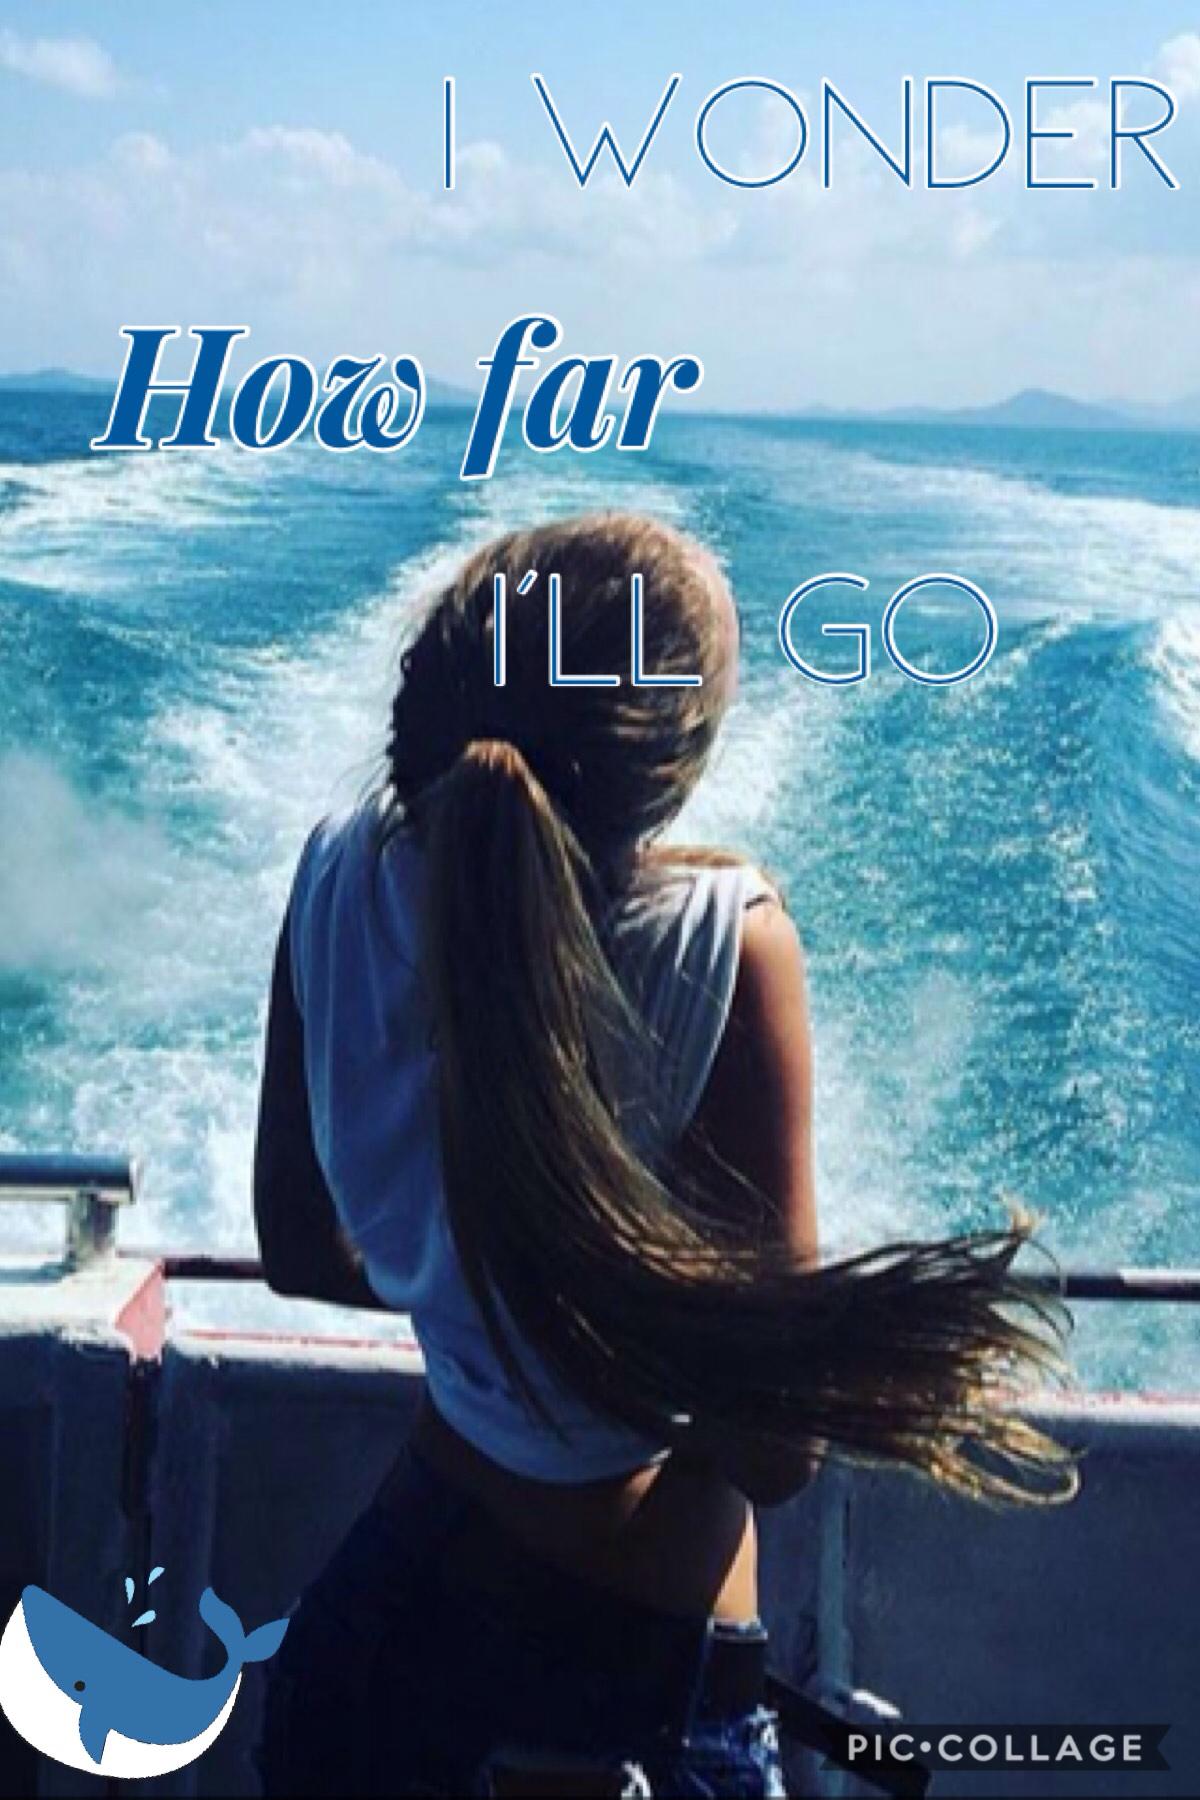 I love Moana!🐳TAPPY🐳 LIVE HAPPILY!